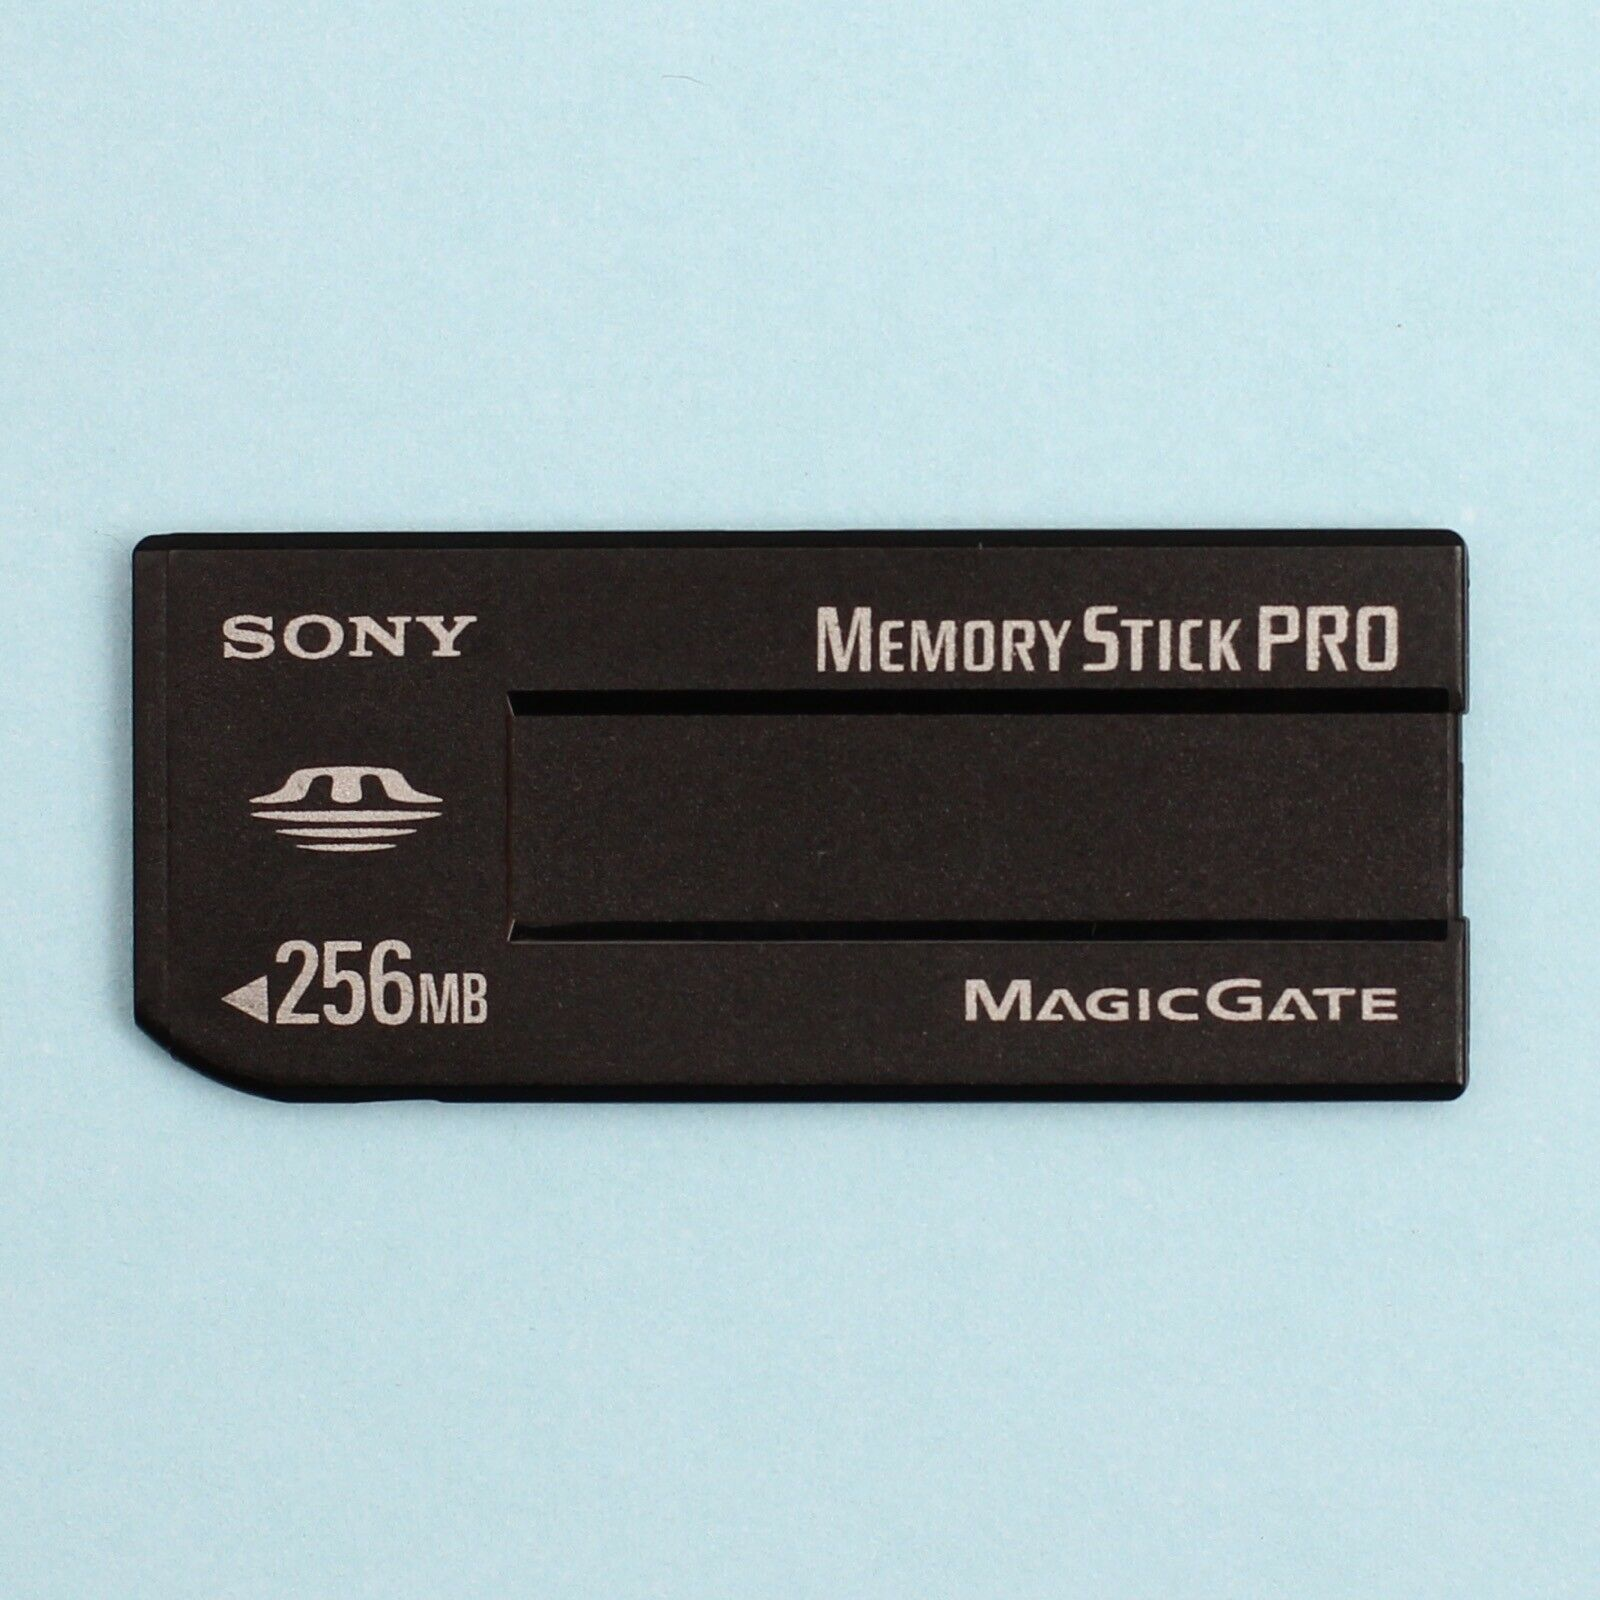 Genuine Sony 256MB Memory Stick PRO MS Memory Card Sony Cameras MSX-256S